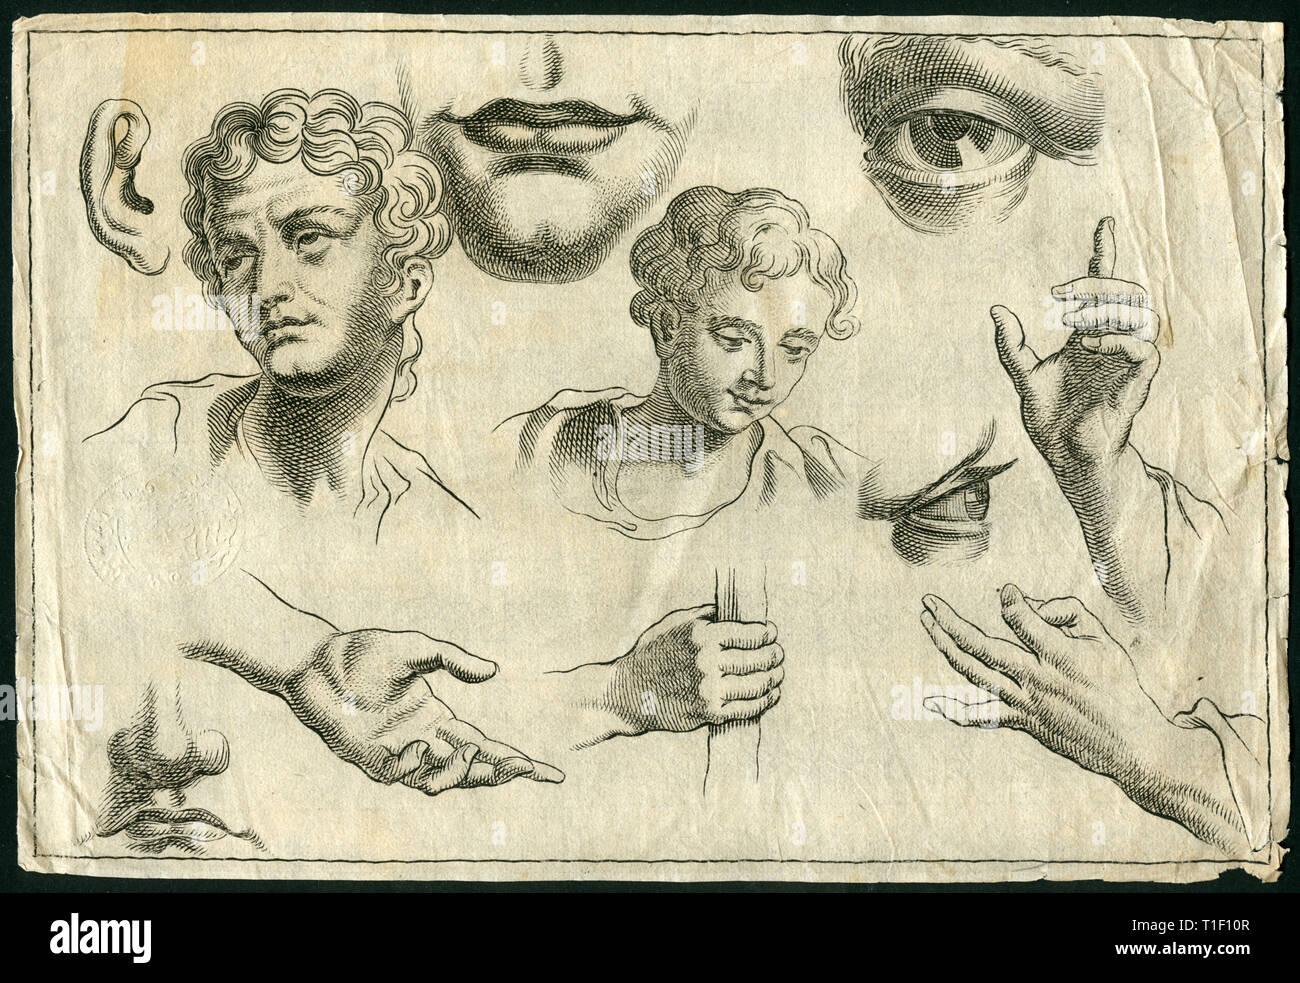 Historische Zeichnung der Teile der Körper, Kopf, Auge, Mund, Kinn und Hand, Kupferstich von etwa 1700, Artist's Urheberrecht nicht gelöscht werden Stockbild